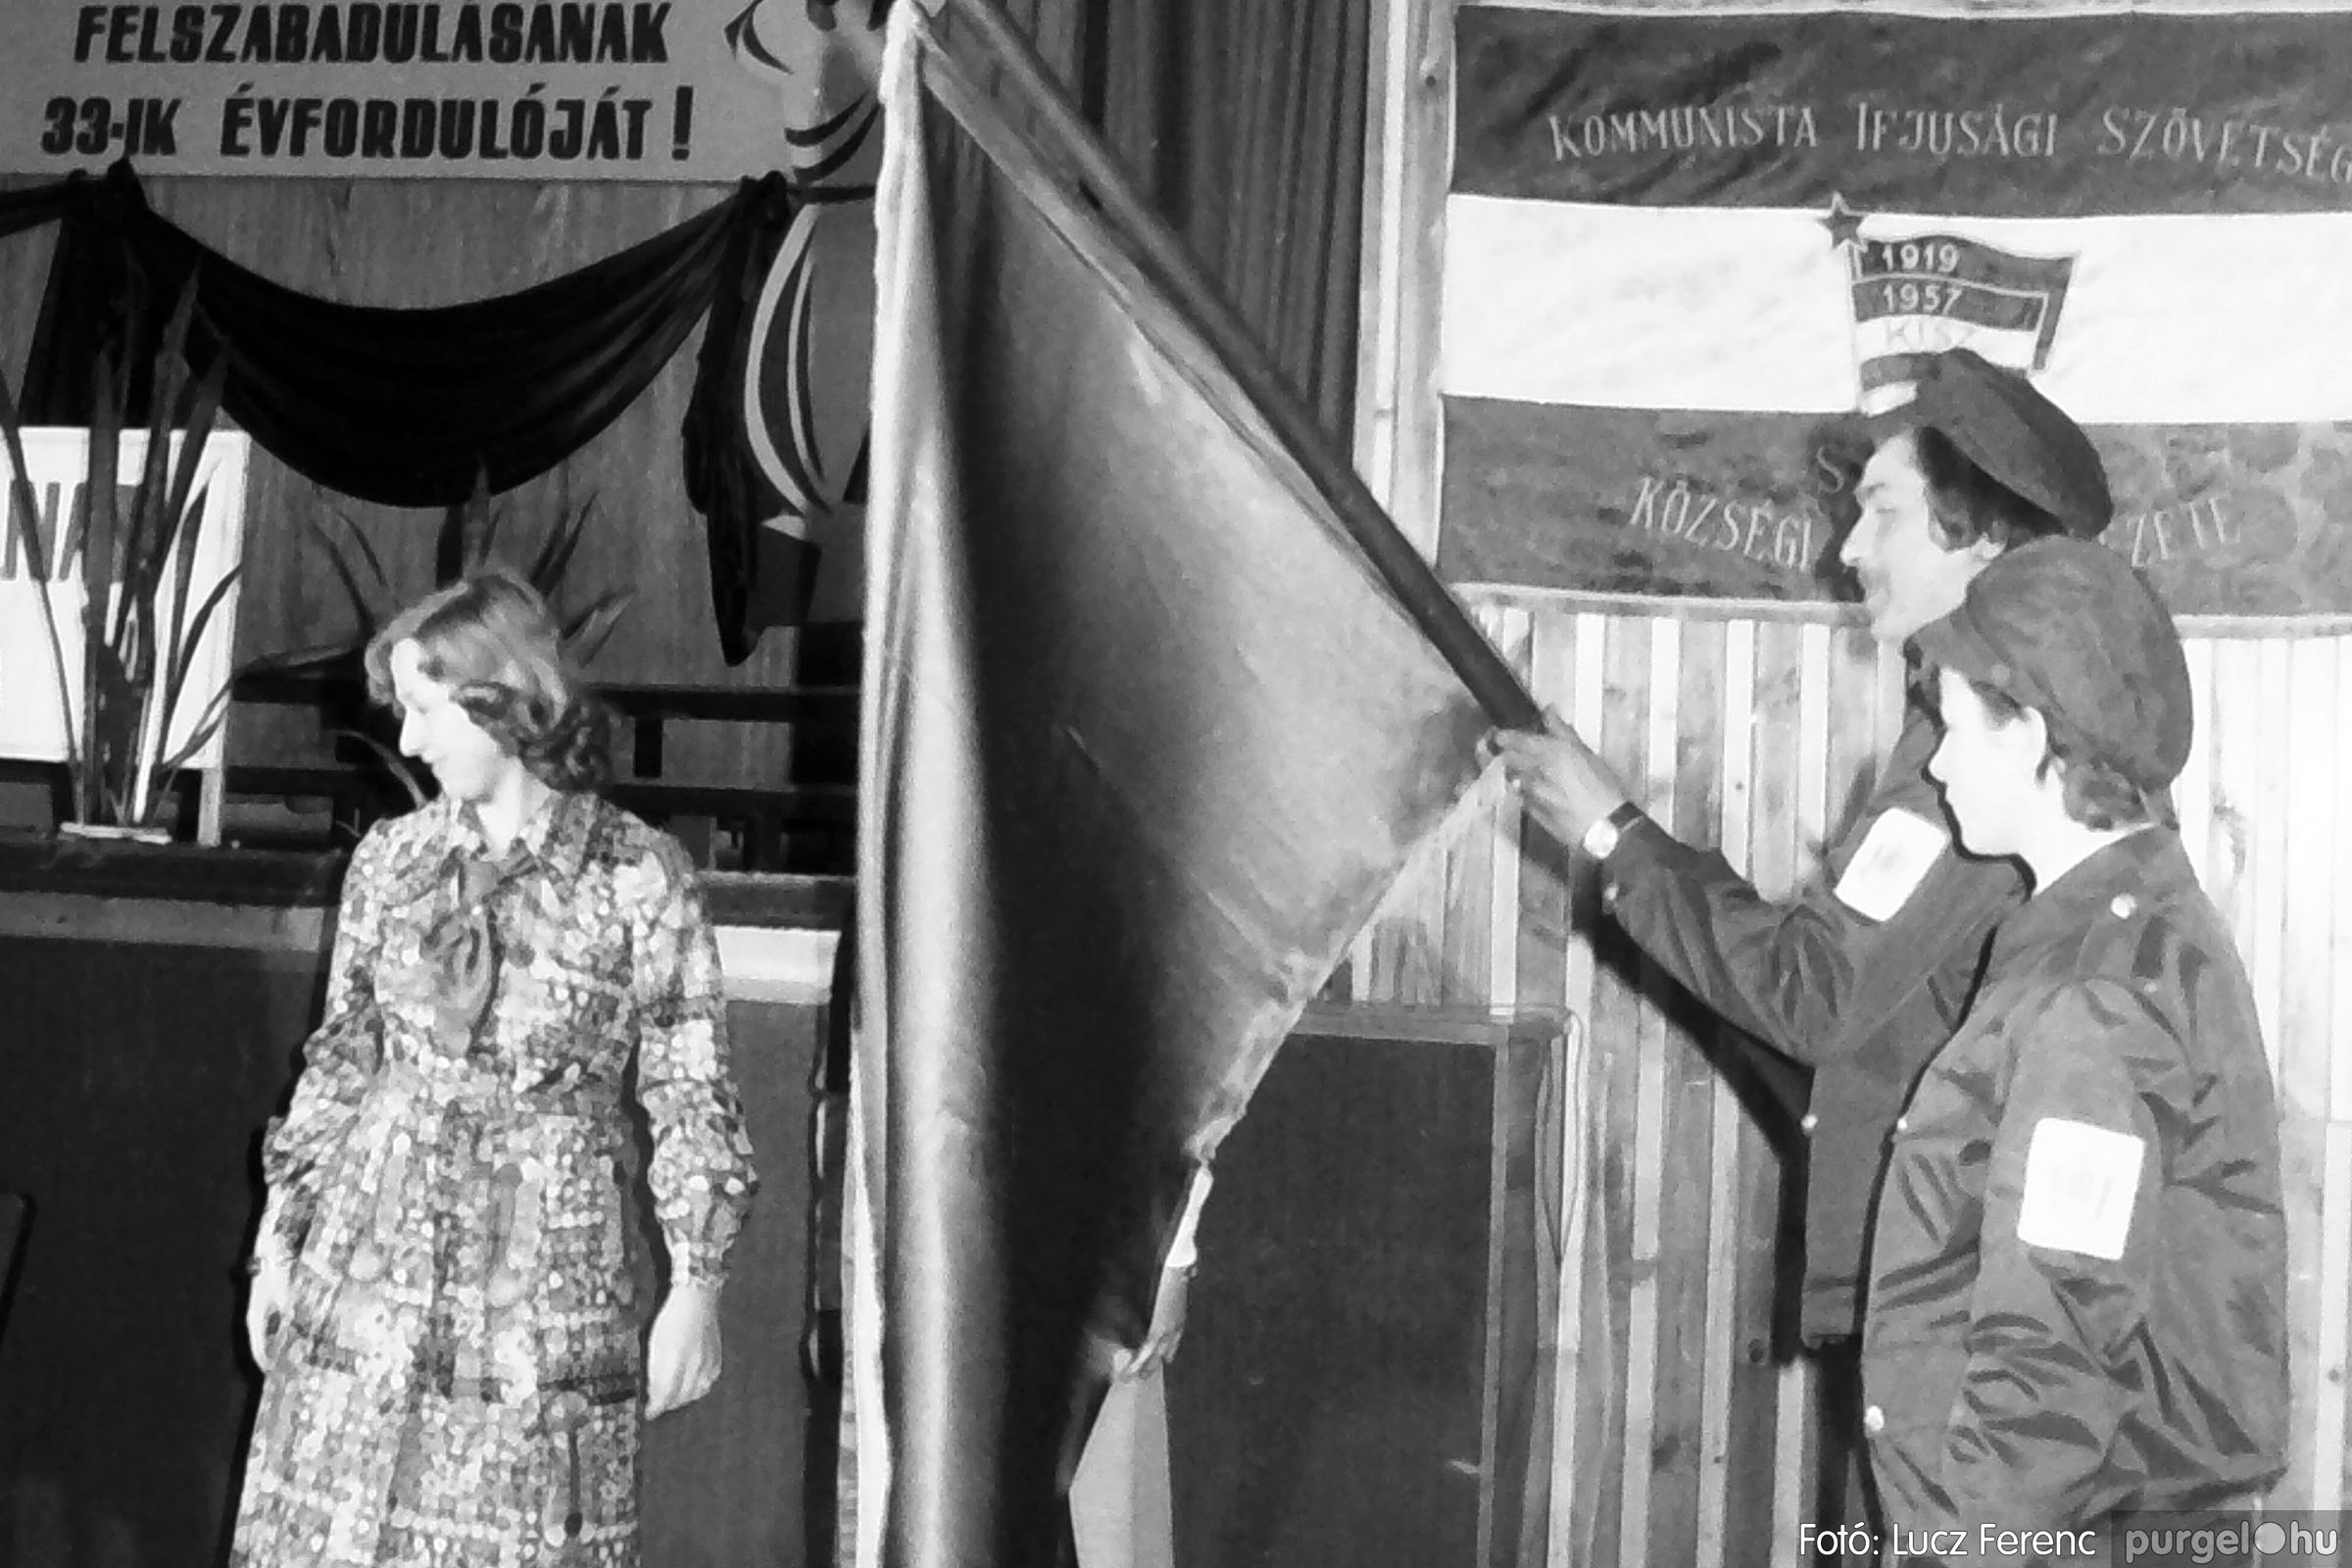 109. 1978. Április 4-i ünnepségek 028. - Fotó: Lucz Ferenc.jpg